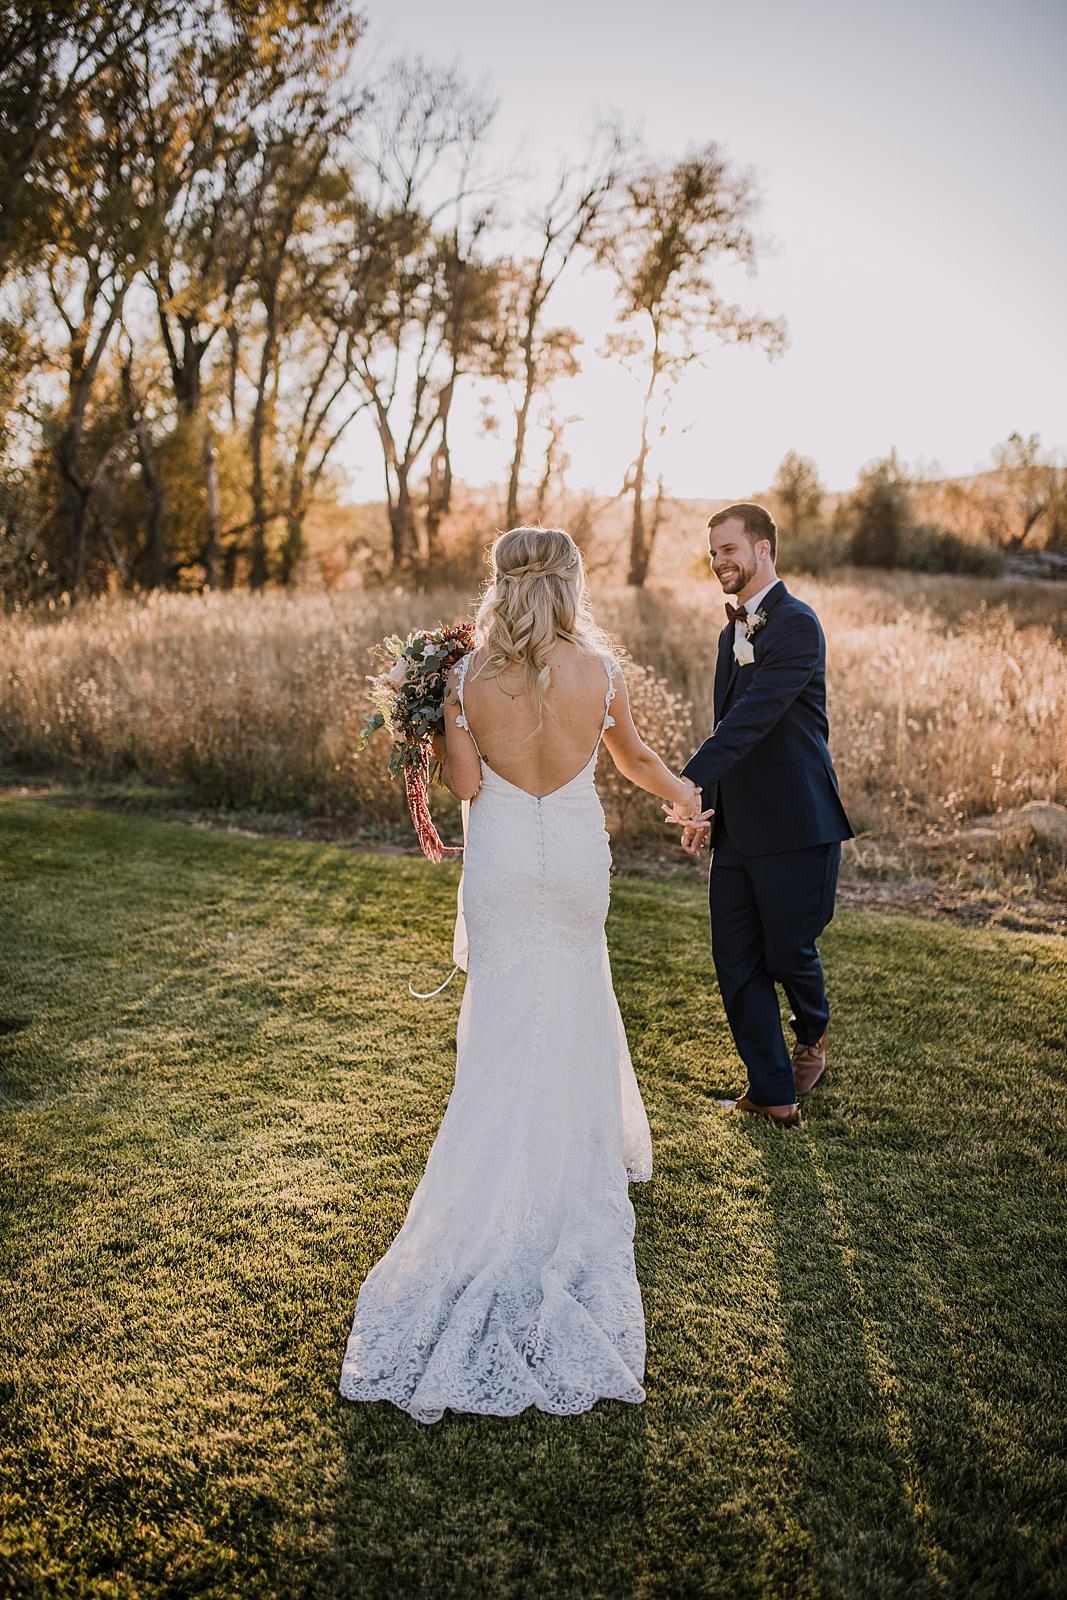 wedding couple, sweetheart winery sunset, sweetheart winery wedding, hiking near the sweetheart winery, hiking in loveland colorado, loveland wedding photographer